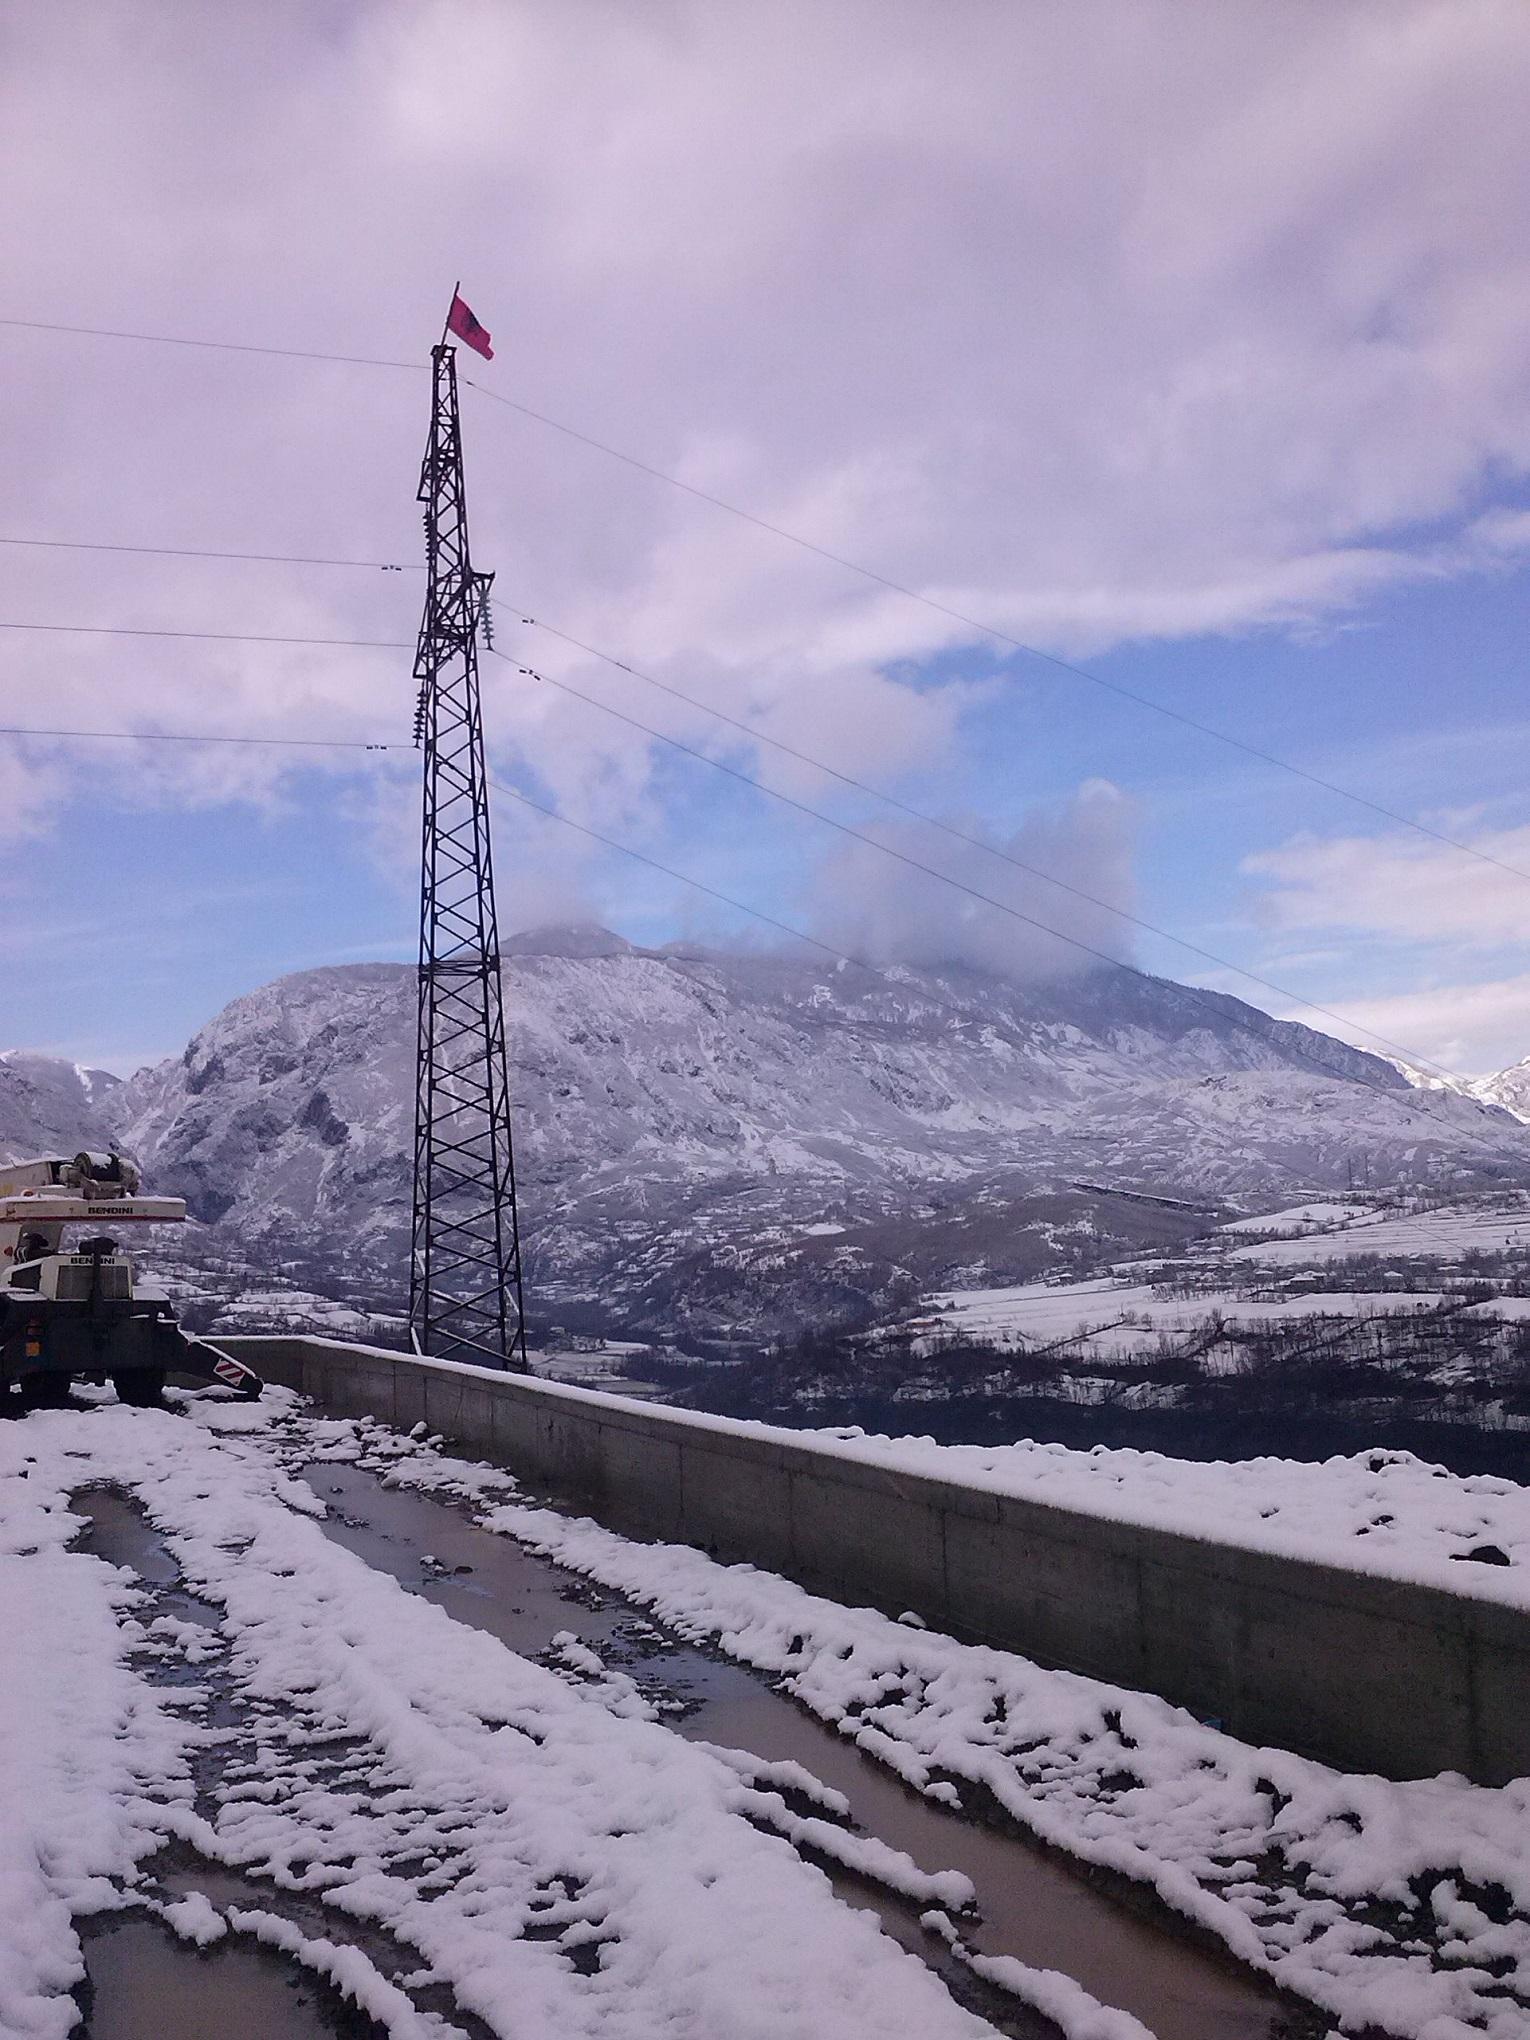 Subestación eléctrica para el suministro de electricidad Albania